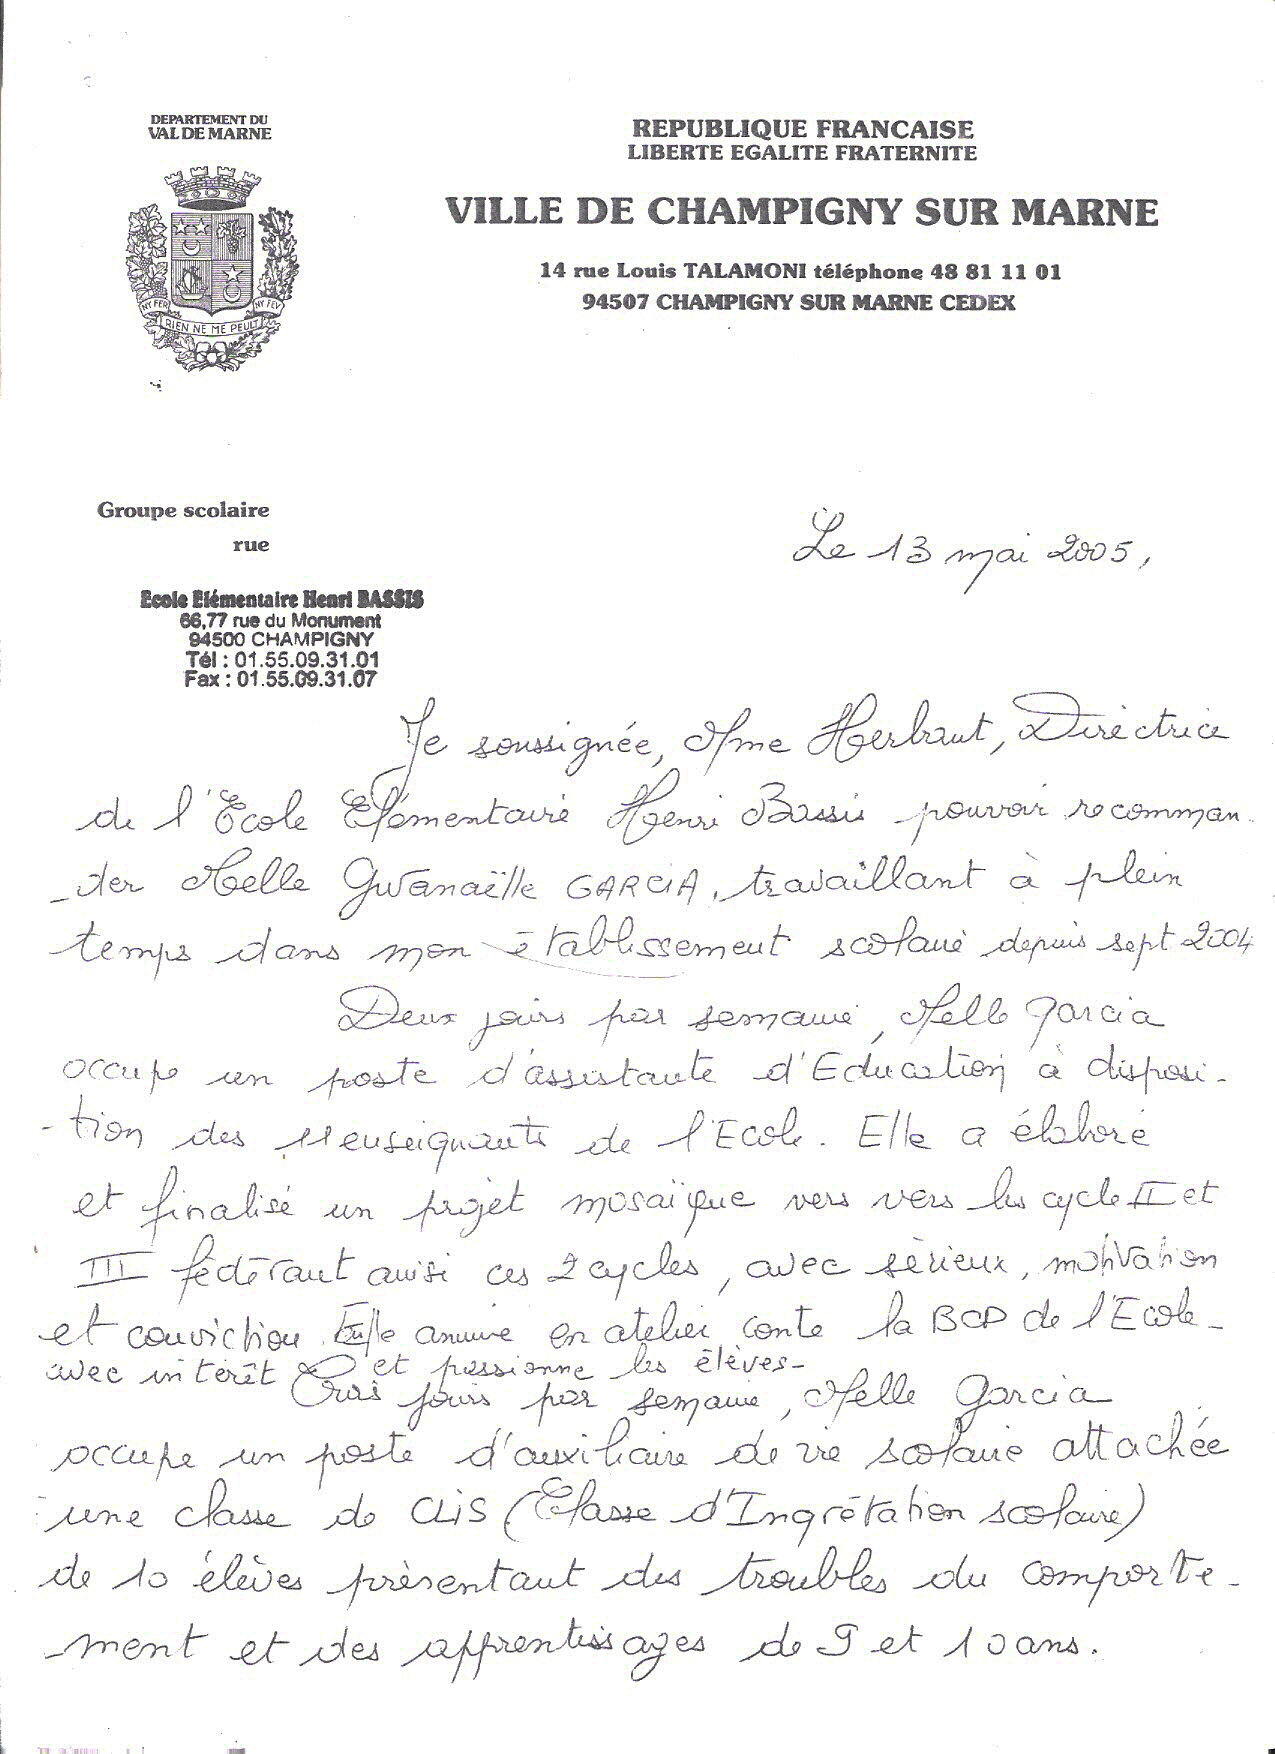 lettre de recommandation avs Marie France HERBAUT   Groupe scolaire Henri Bassis (Champigny sur  lettre de recommandation avs